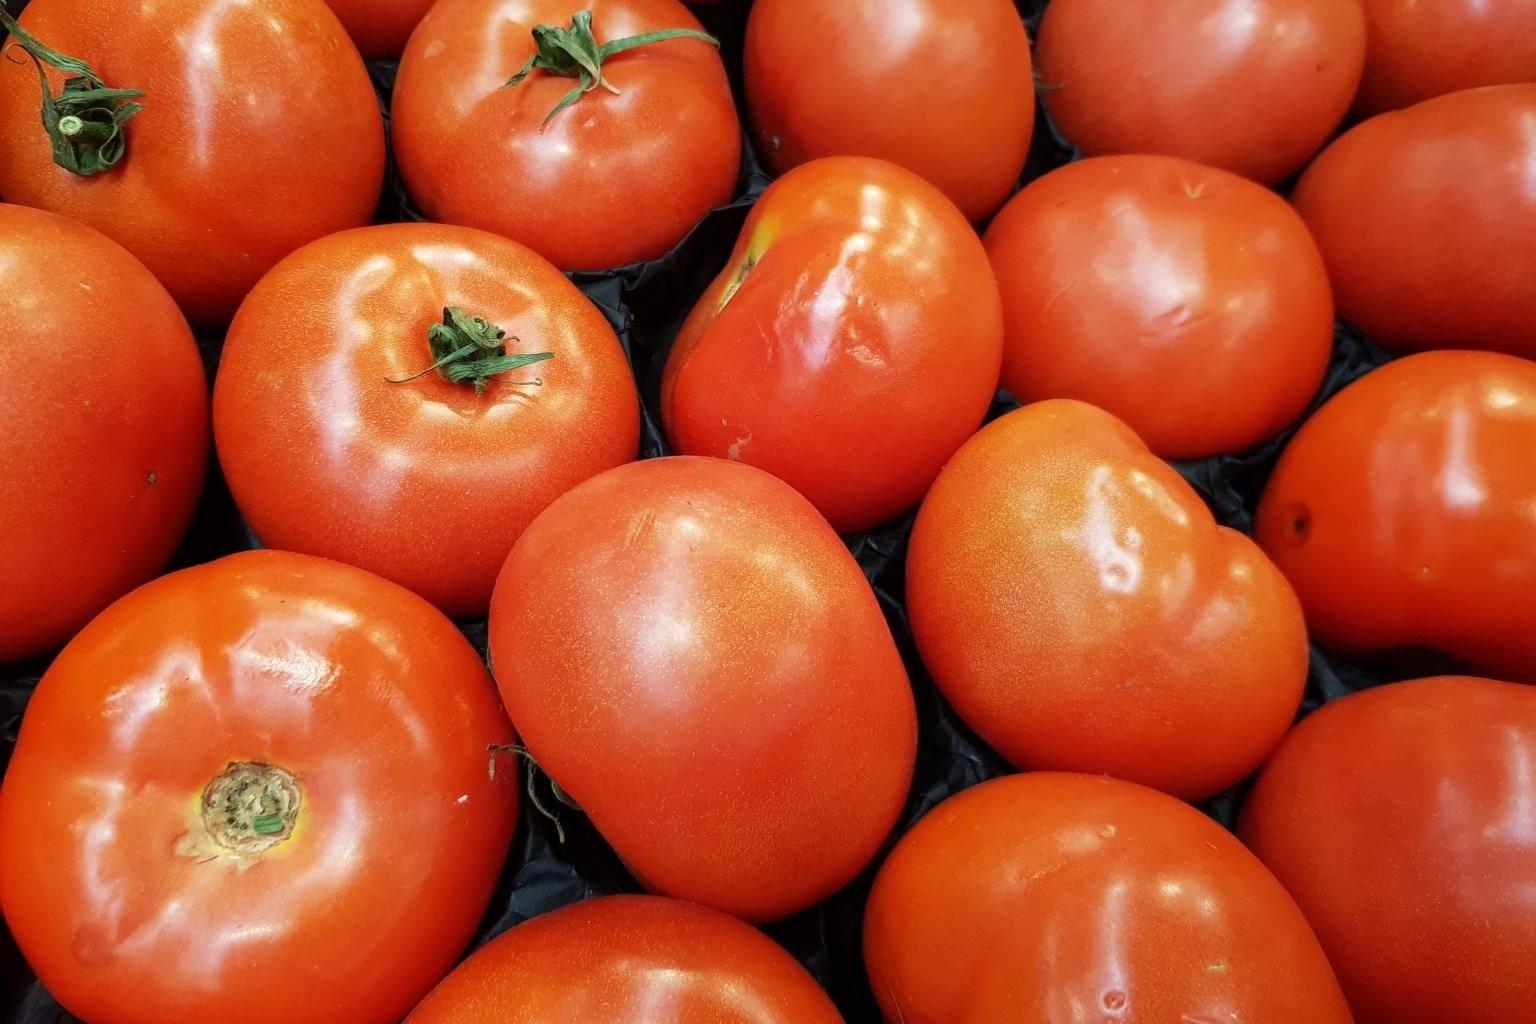 الدراسة هي الأولى التي تبحث في آثار تناول الطماطم أو منتجات الطماطم.